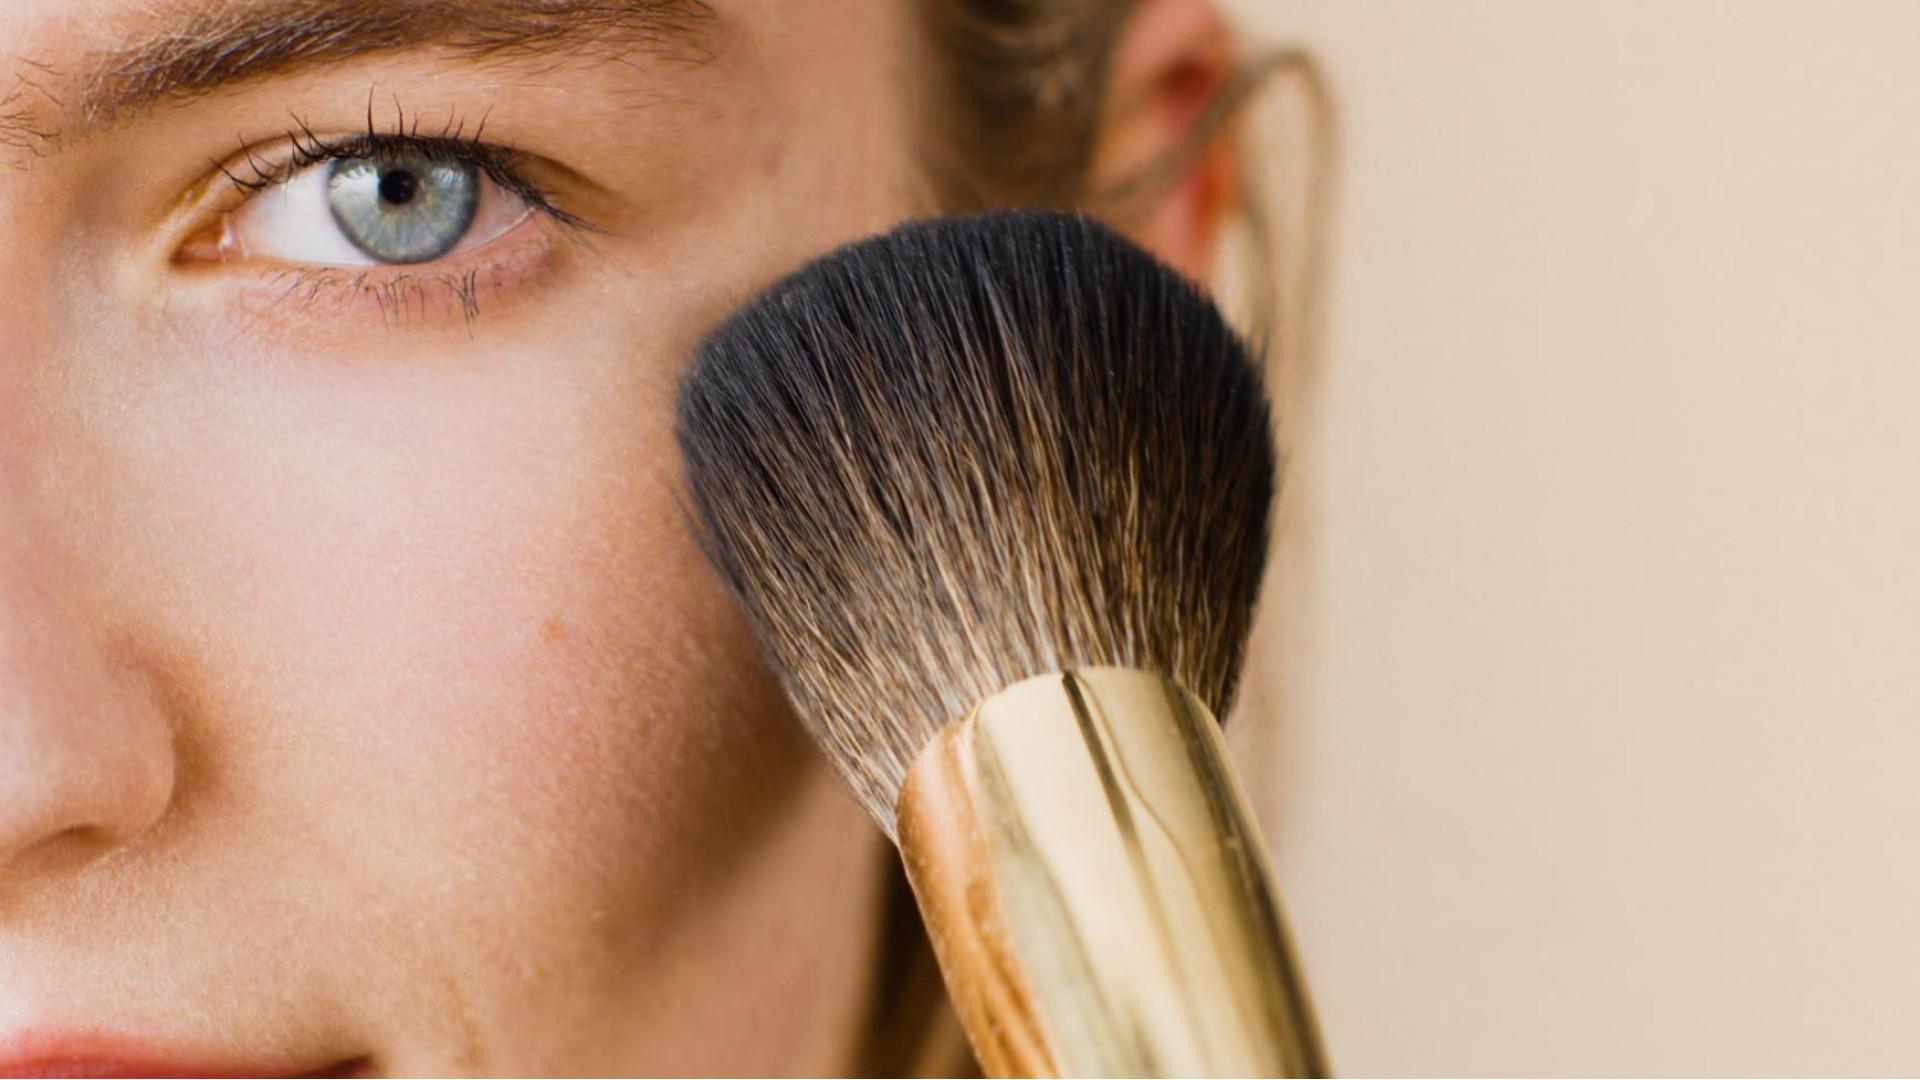 Σας παρουσιάζουμε τα vegan, cruelty-free πινέλα μακιγιάζ της Lush